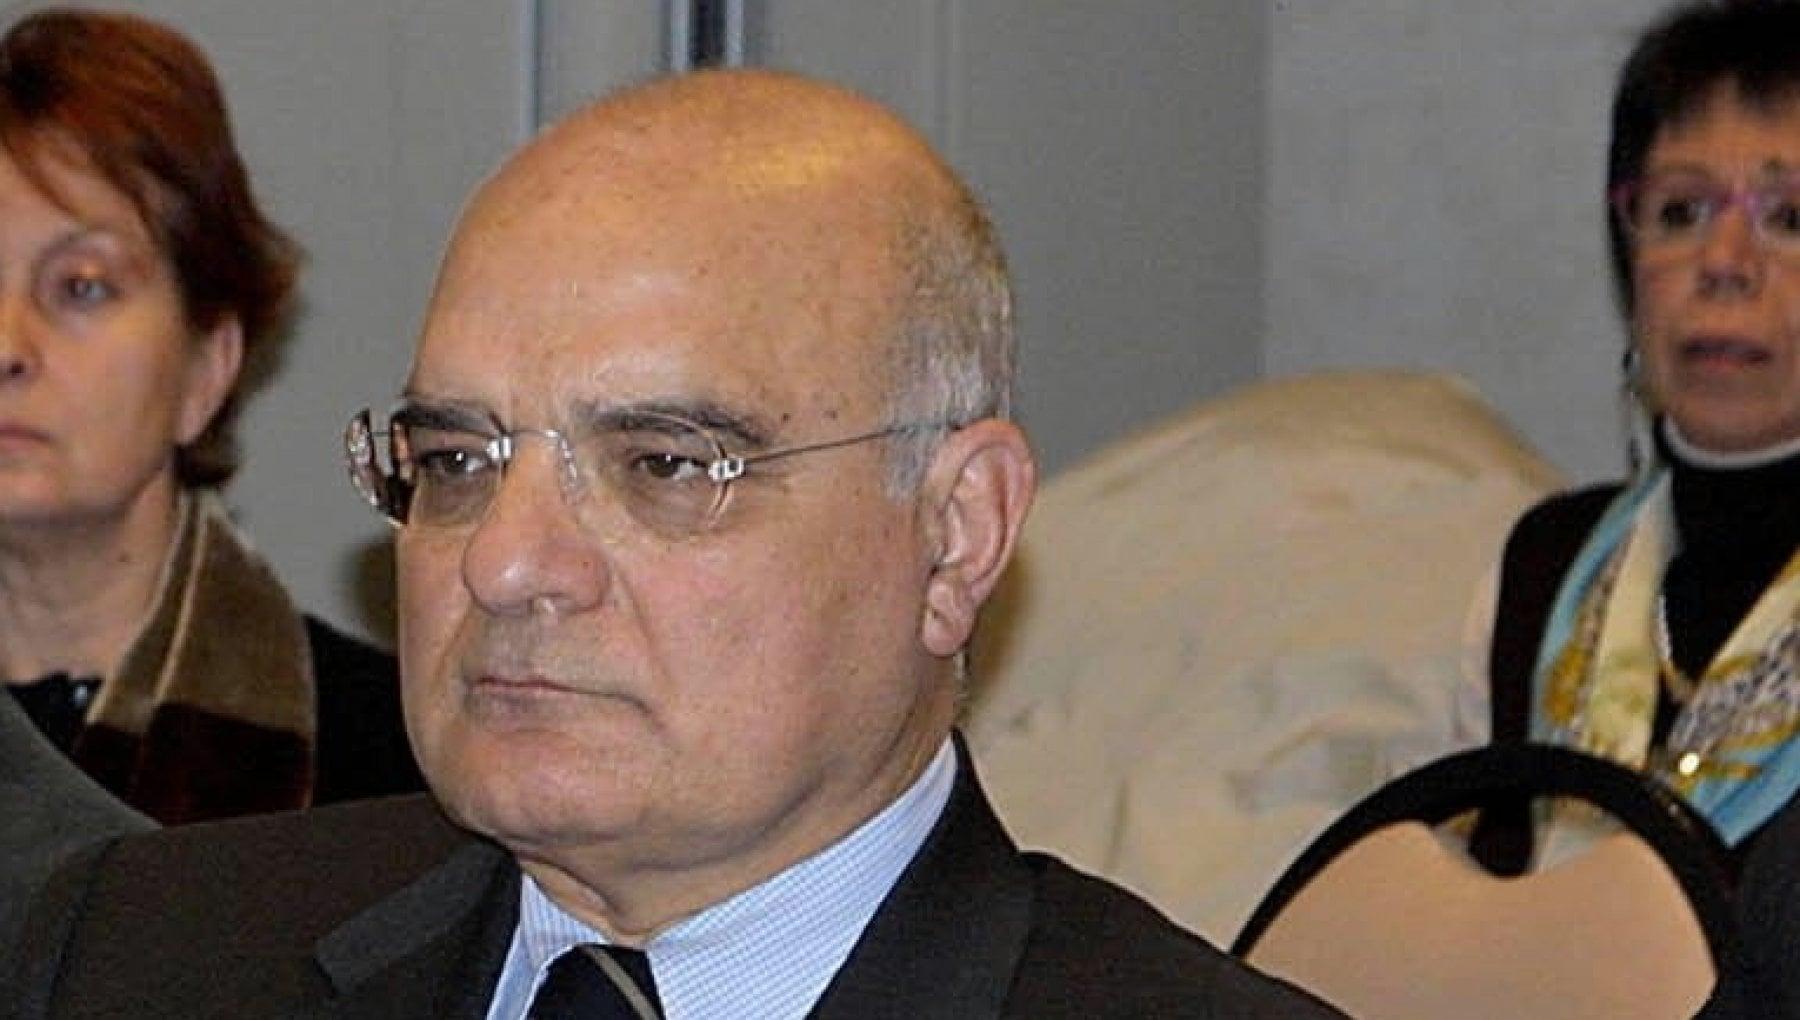 102447657 d60b9298 6392 4b6c b477 a084be2f250b - Giallo sulla morte del professor Schonauer a Trani: alcuni familiari denunciano avvelenamento, al funerale arrivano i carabinieri